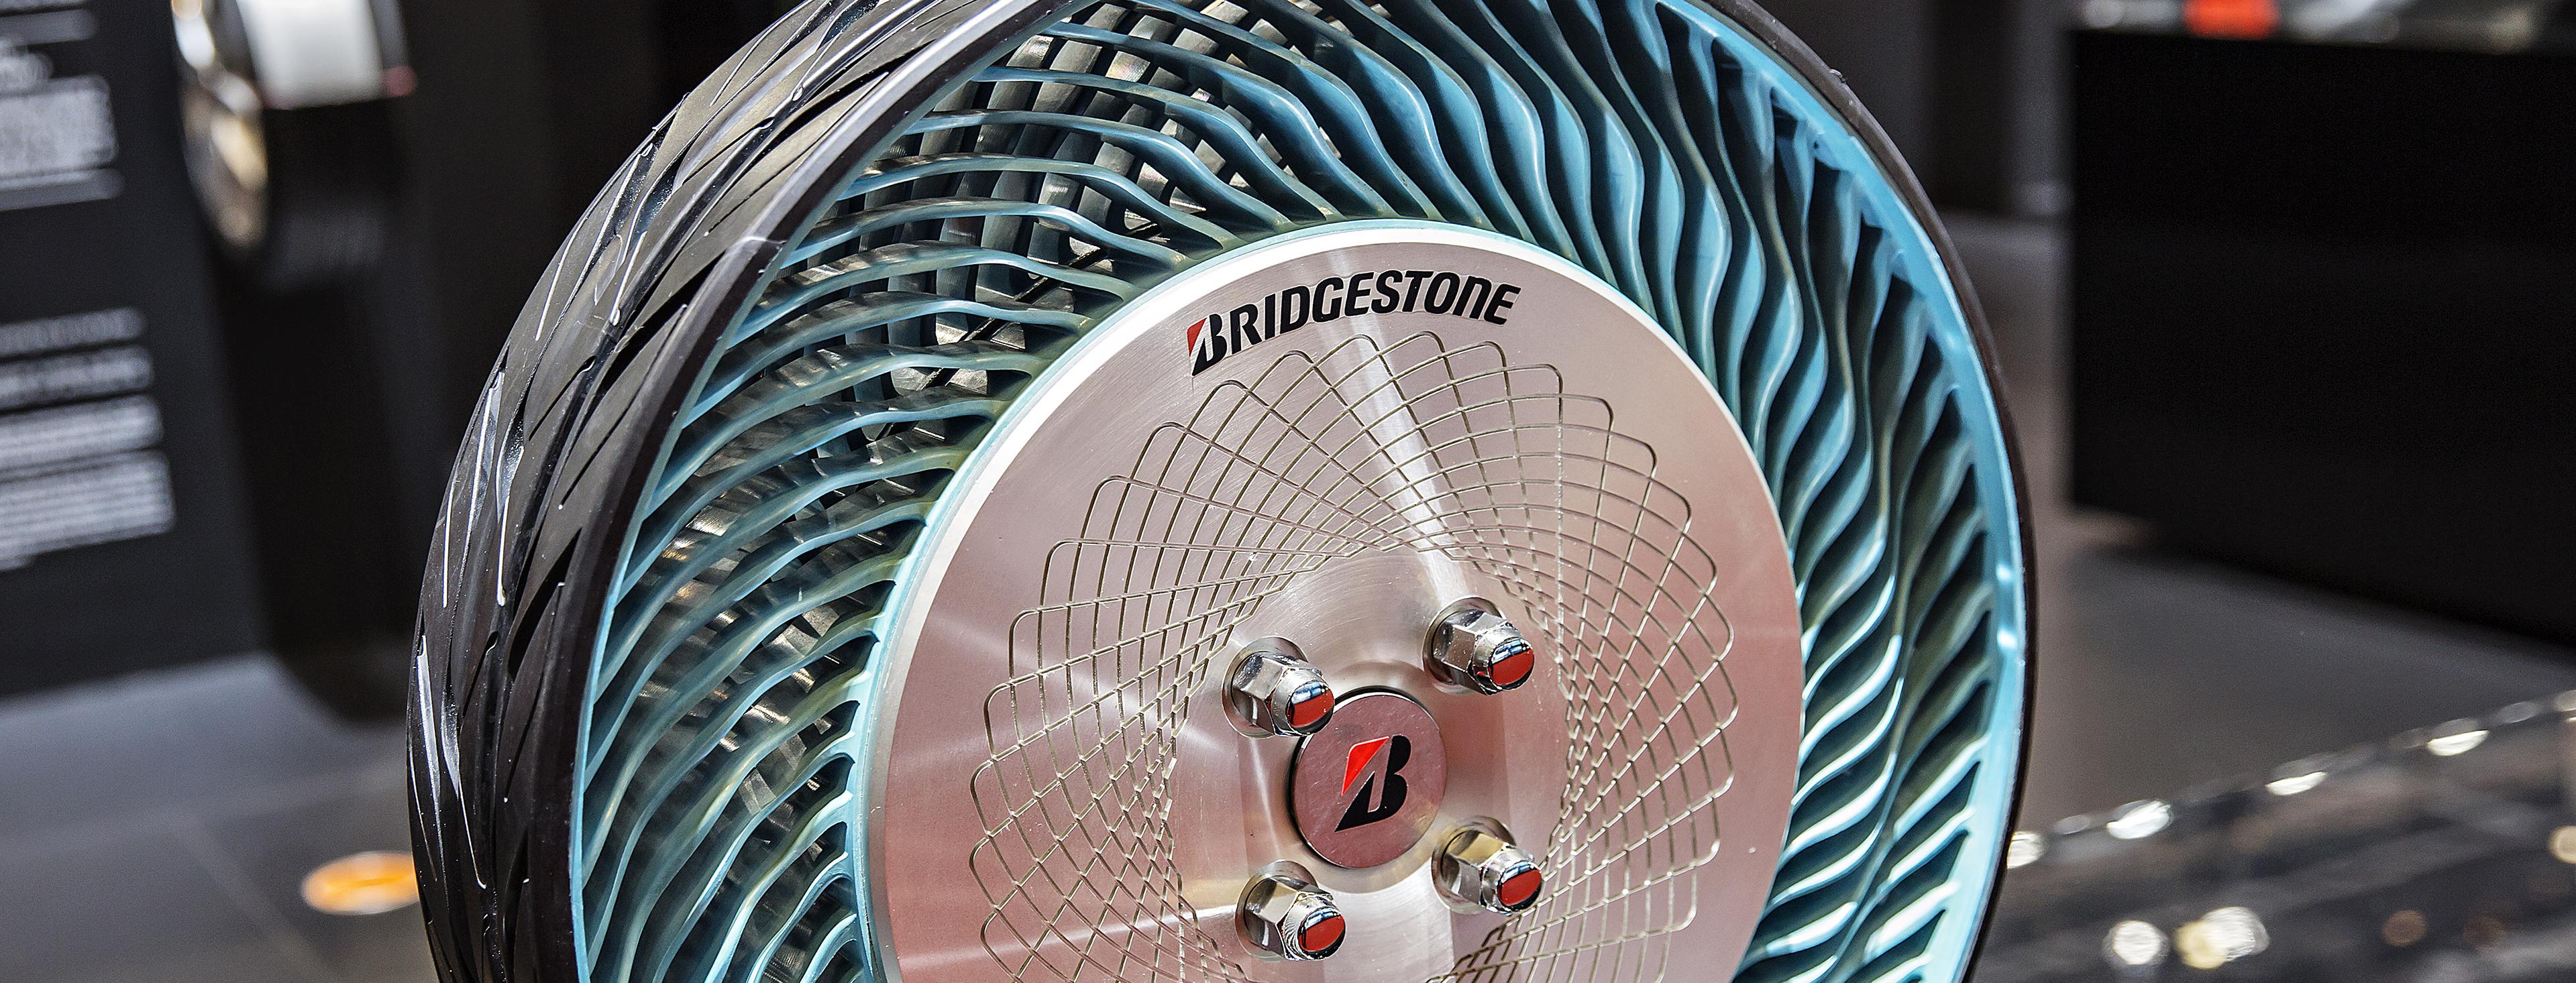 Bridgestone AirFree Concept